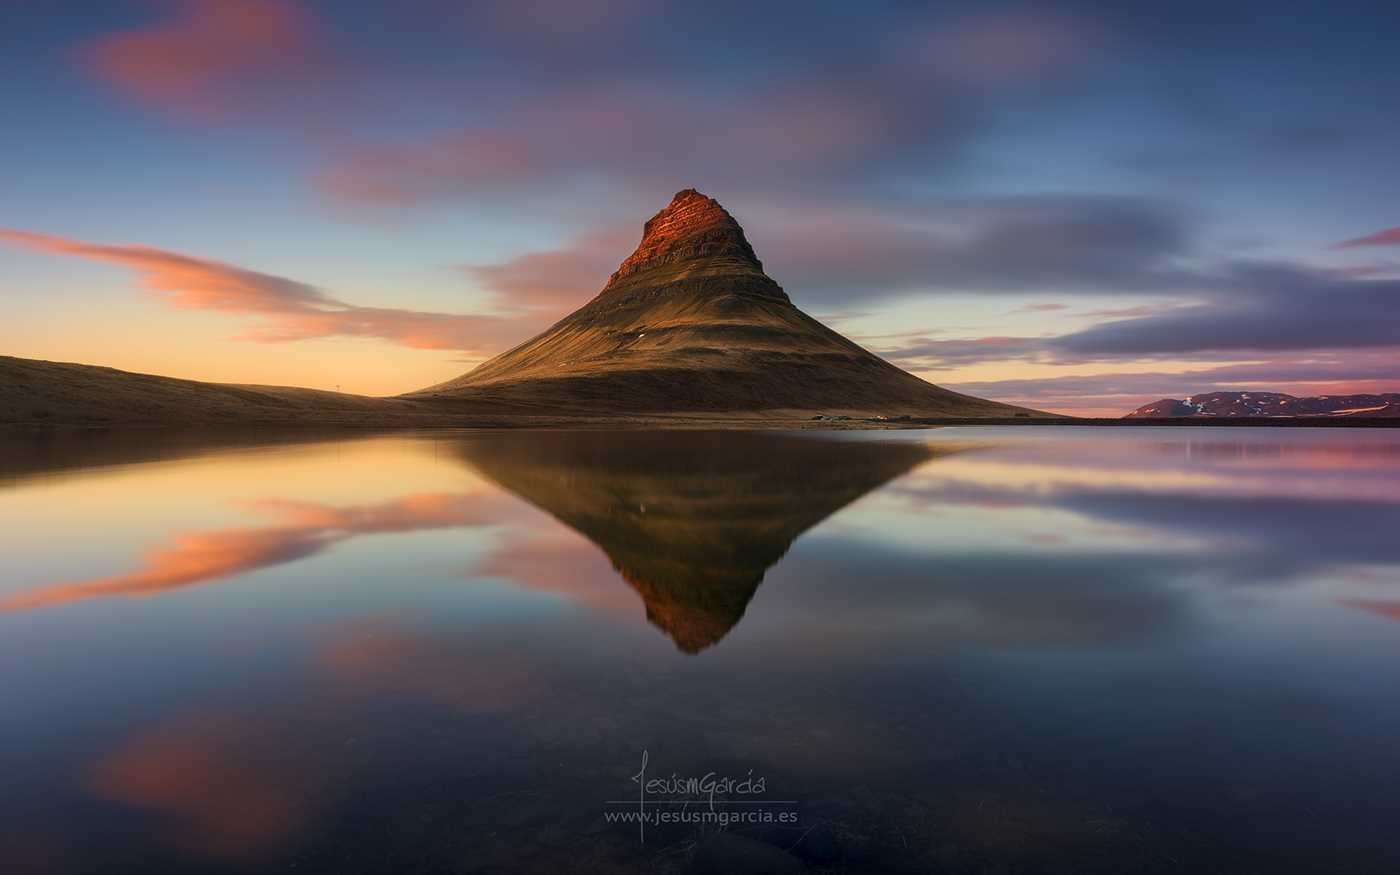 Breathtaking Jesús García - Nature - landsphoto | ello